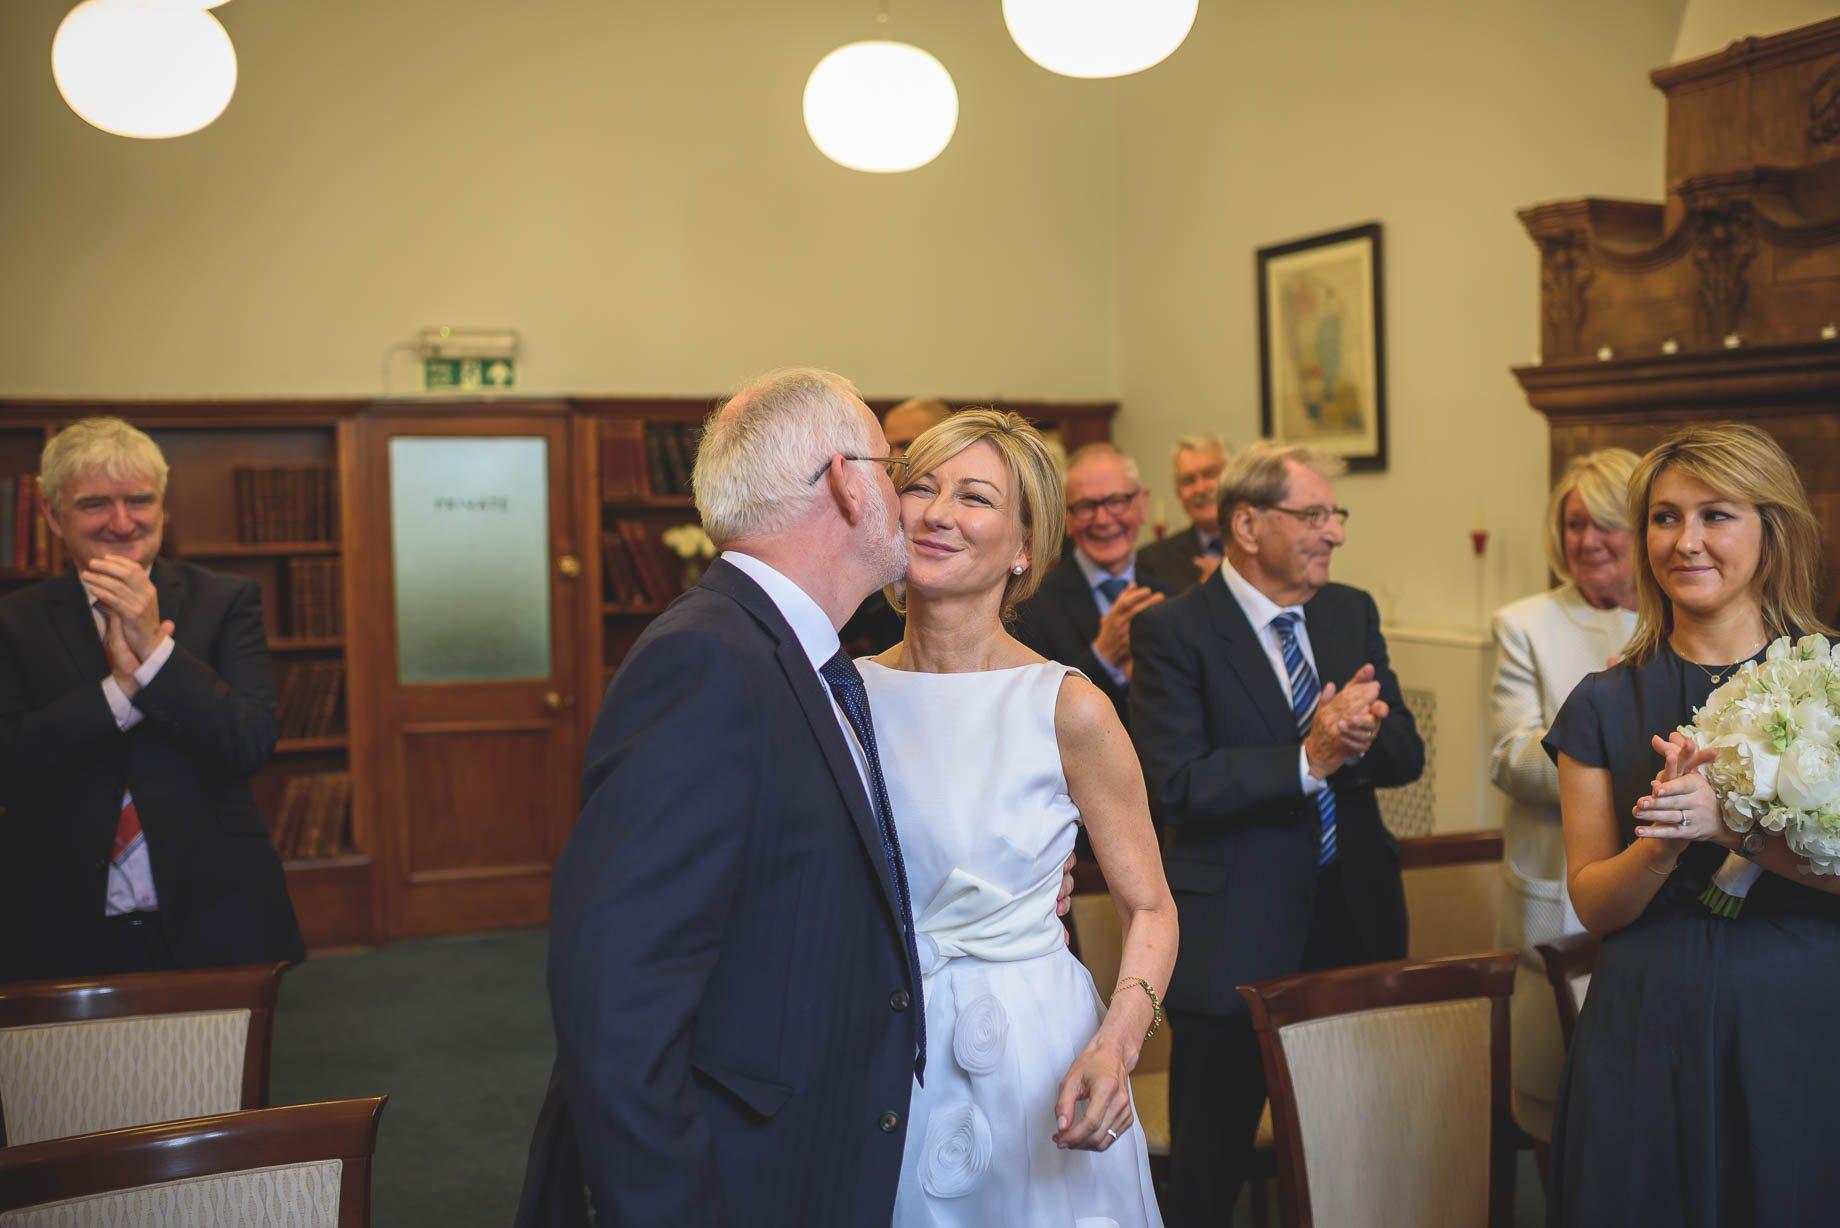 Mayfair wedding photography - Allison and Eugene (45 of 94)